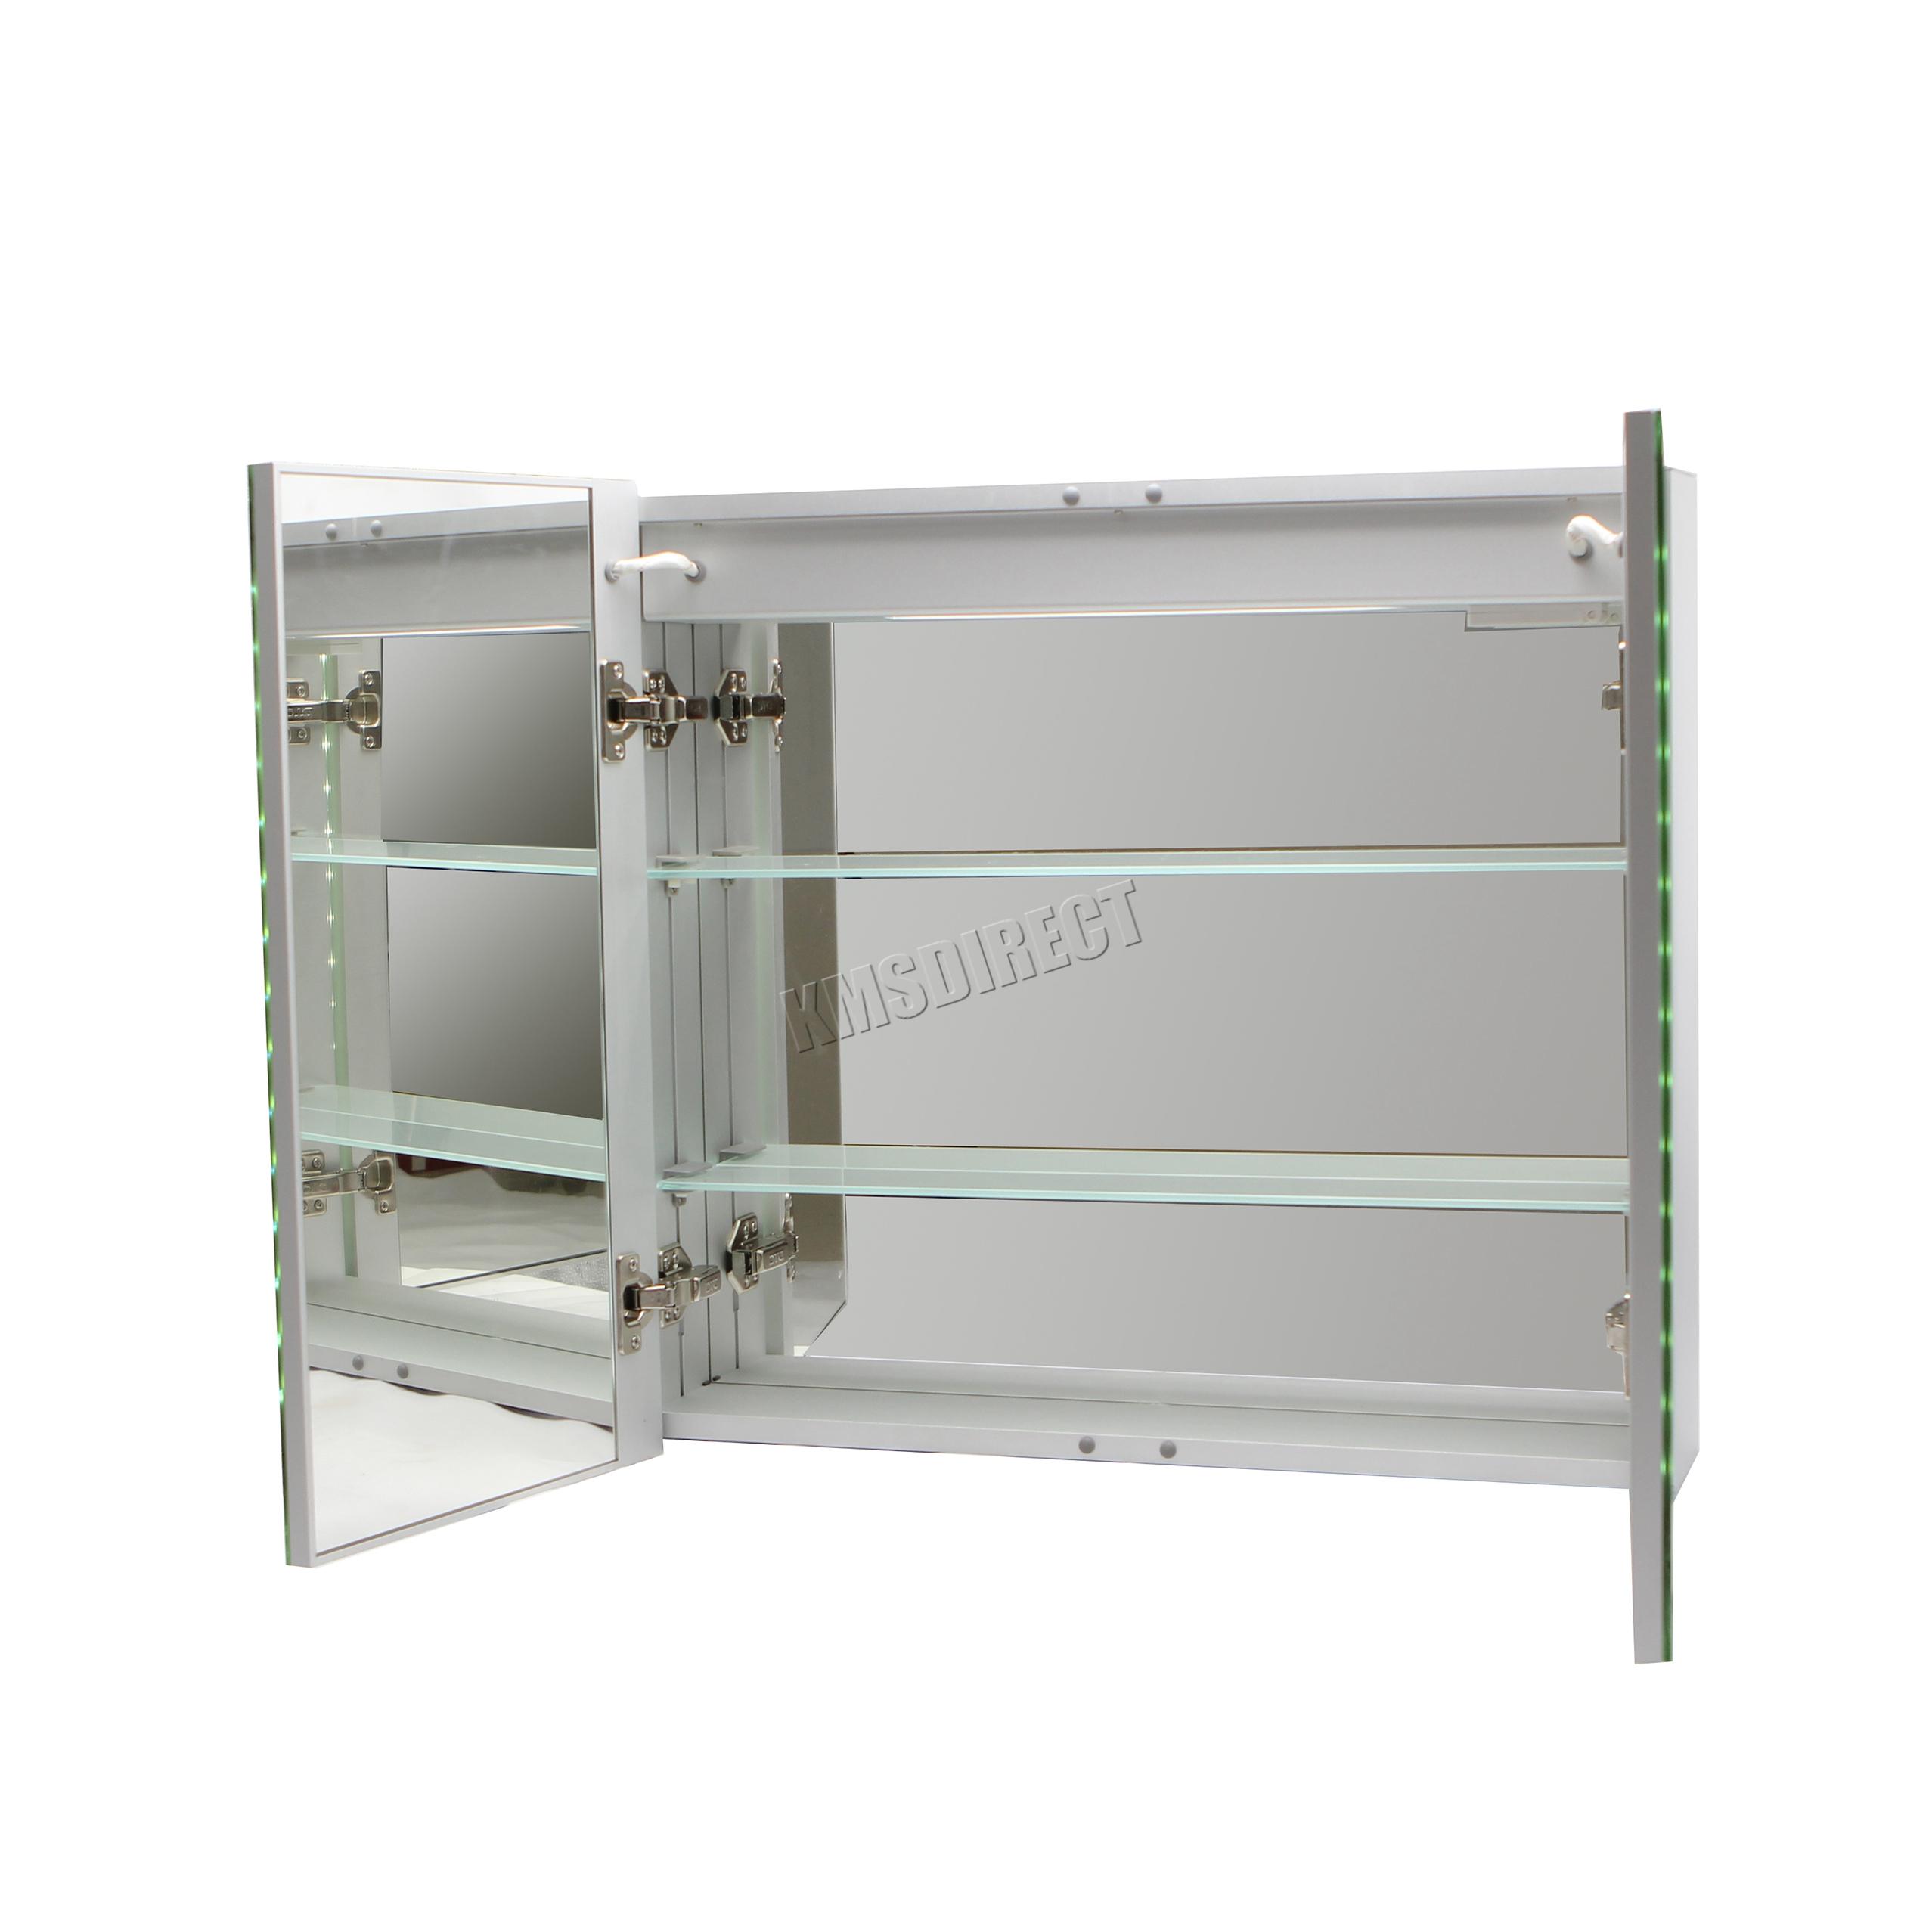 foxhunter led beleuchtet spiegel badezimmer schrank stahl schrank sensor ebay. Black Bedroom Furniture Sets. Home Design Ideas